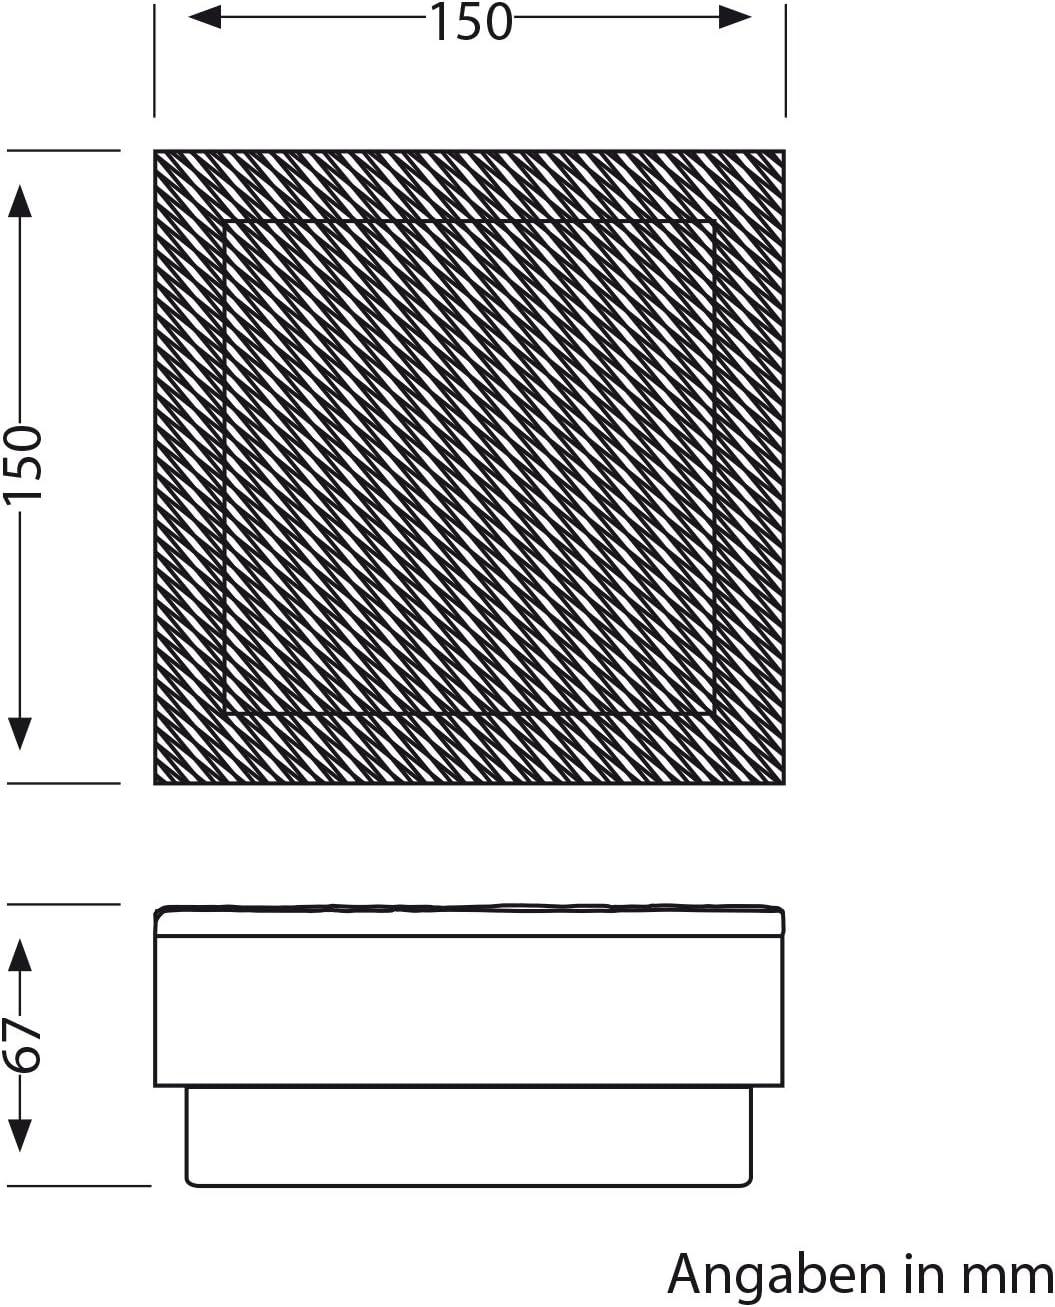 ledscom.de LED Pflaster-Stein Gorgon Boden-Einbauleuchte für außen, 15x15cm, 12V, kalt-weiß 2er Set 6er-set